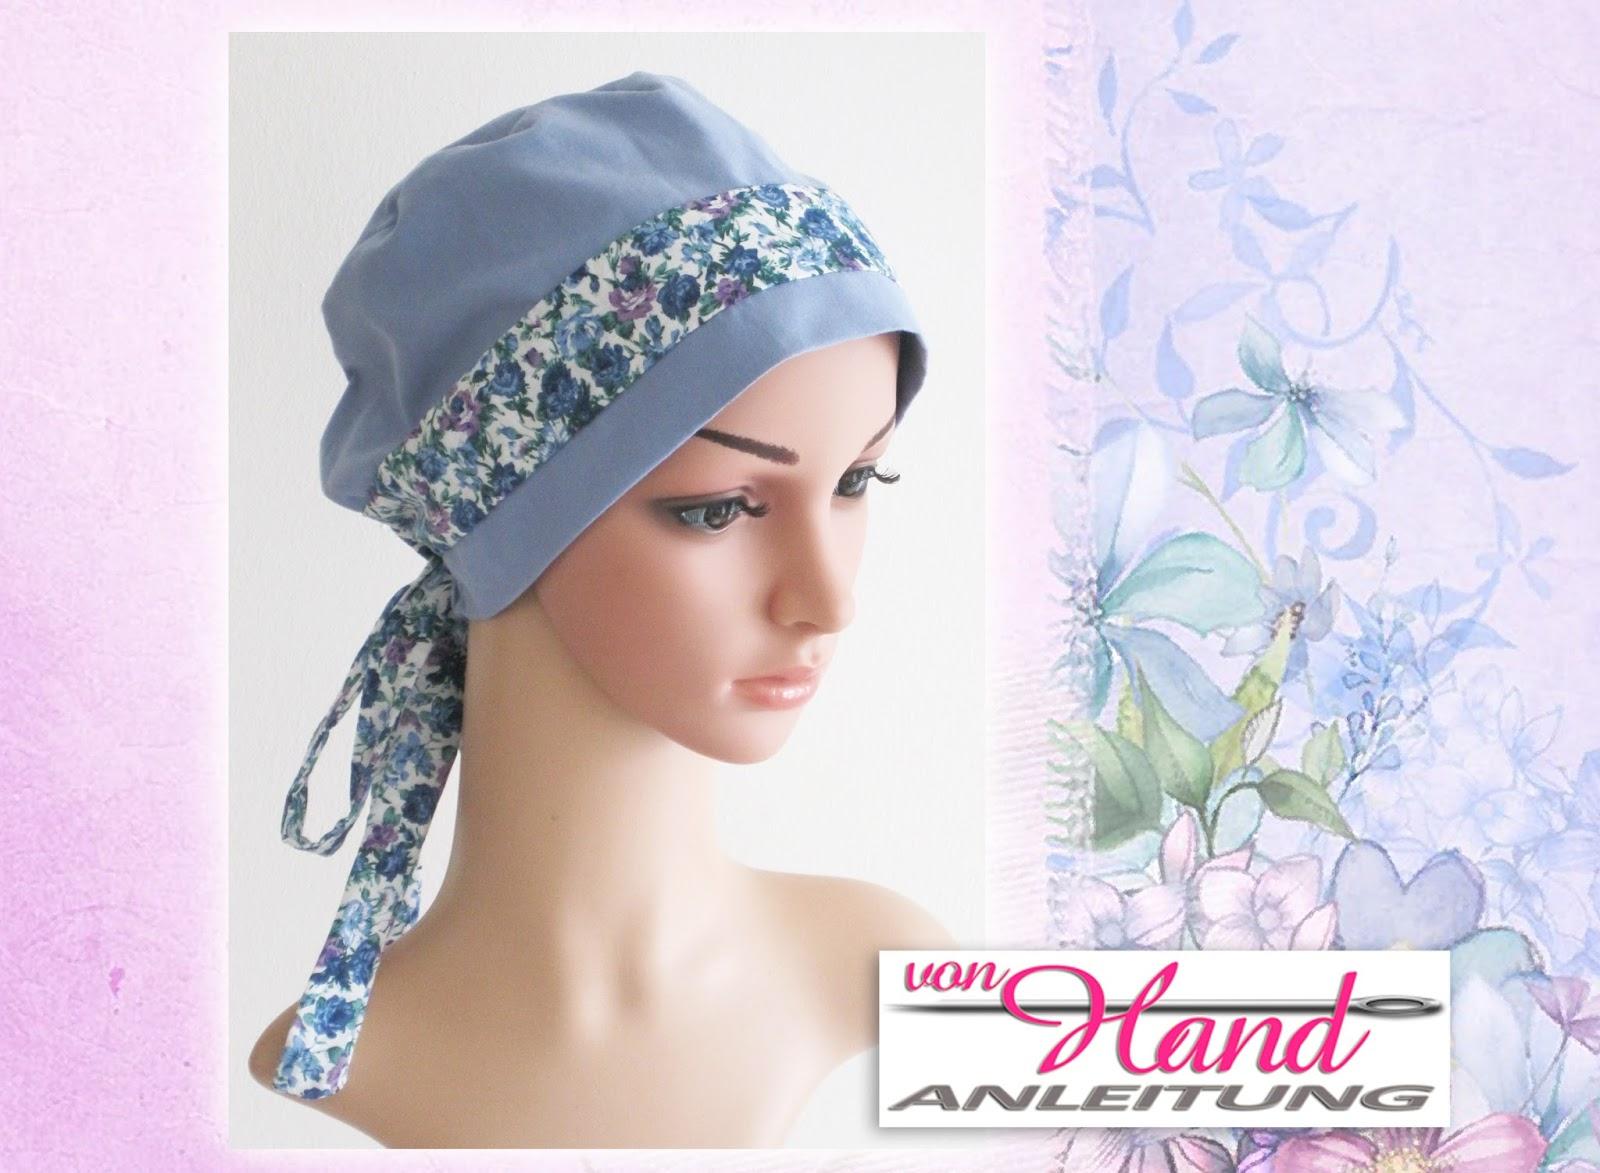 Kopfbedeckungen Bei Chemotherapie 09 01 16